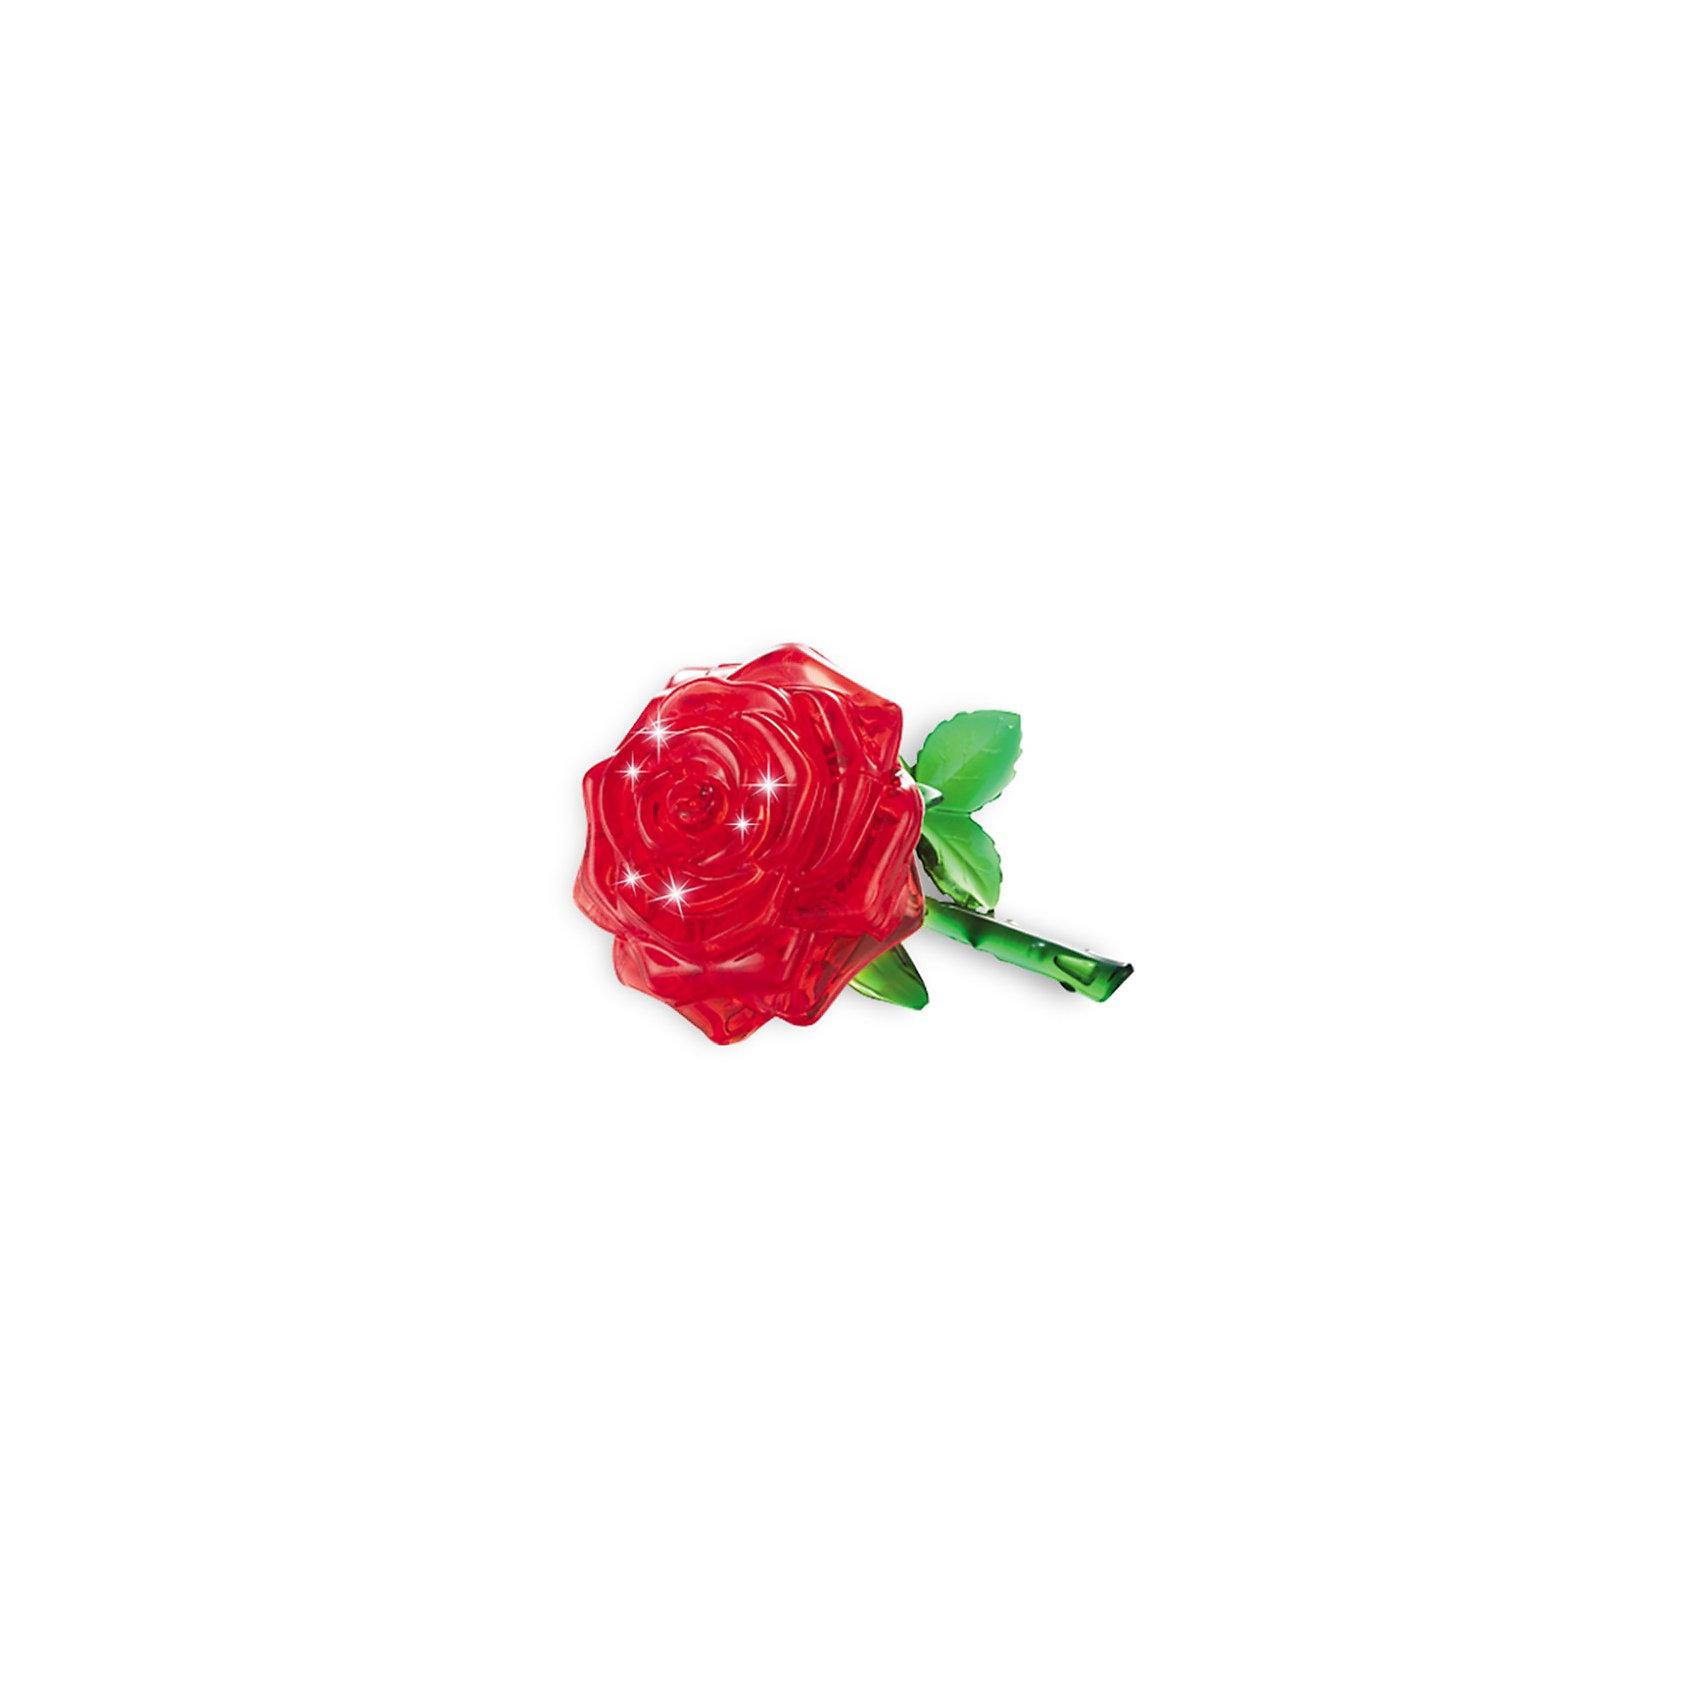 Кристаллический пазл 3D Роза L, CreativeStudio3D пазлы<br>Кристаллический пазл 3D Роза L, Creative Studio (Креатив Студио)- это головоломка  одна из самых сложных в серии Кристальные объемные пазлы, но и самая эффектная в собранном виде. Пурпурная прозрачная роза на зеленом стебле с листиками будет оригинальным украшением интерьера. Детали пазла выполнены из полупрозрачного пластика высокого качества. Они соединяются между собой без клея и образуют объемную фигуру, которую в дальнейшем можно использовать как украшение интерьера или в качестве сувенира. Для сборки модели надо разместить детали пазла в правильной последовательности. Когда фигура собрана, в нее нужно вставить фиксирующий элемент, который придаст ей прочности.<br>Процедура сборки может быть растянута от нескольких часов до нескольких дней, если не смотреть в инструкцию-подсказку (прилагается в наборе) и не обращать внимания на цифры с обратной стороны кусочков мозаики - это порядок сборки. Игра рассчитана на абсолютно разную возрастную аудиторию, поскольку требует усидчивости и терпения при подгонке деталей, плоских и сужающихся в местах стыковок. Все детали хорошо отполированы, блестят, без острых краев и трещин. Собранная своими руками игрушка будет для ребенка гораздо дороже, чем готовая ведь он вложил в нее свой драгоценный труд. Сборные модели и игрушки уникальны и отвечают потребностям самых разных возрастных групп, дарят людям радость творчества.<br><br>Дополнительная информация:<br><br>- Набор состоит из 44 или 21 детали и инструкции;<br>- Детали крепятся друг к другу без клея;<br>- Уровень сложности: 3;<br>- Обучающая, яркая и реалистичная модель;<br>- Идеально и легко собирается без инструментов;<br>- Увлекательный игровой процесс;<br>- Собранный 3D пазл можно использовать как обычную игрушку, как украшение комнаты или рабочего места;<br>- Материал: пластик;<br>- Размер упаковки: 4 х 14 х 9 см;<br>- Вес : 138 г  <br><br>ВНИМАНИЕ: Данный артикул представлен в разных вариантах исполнения: 44 или